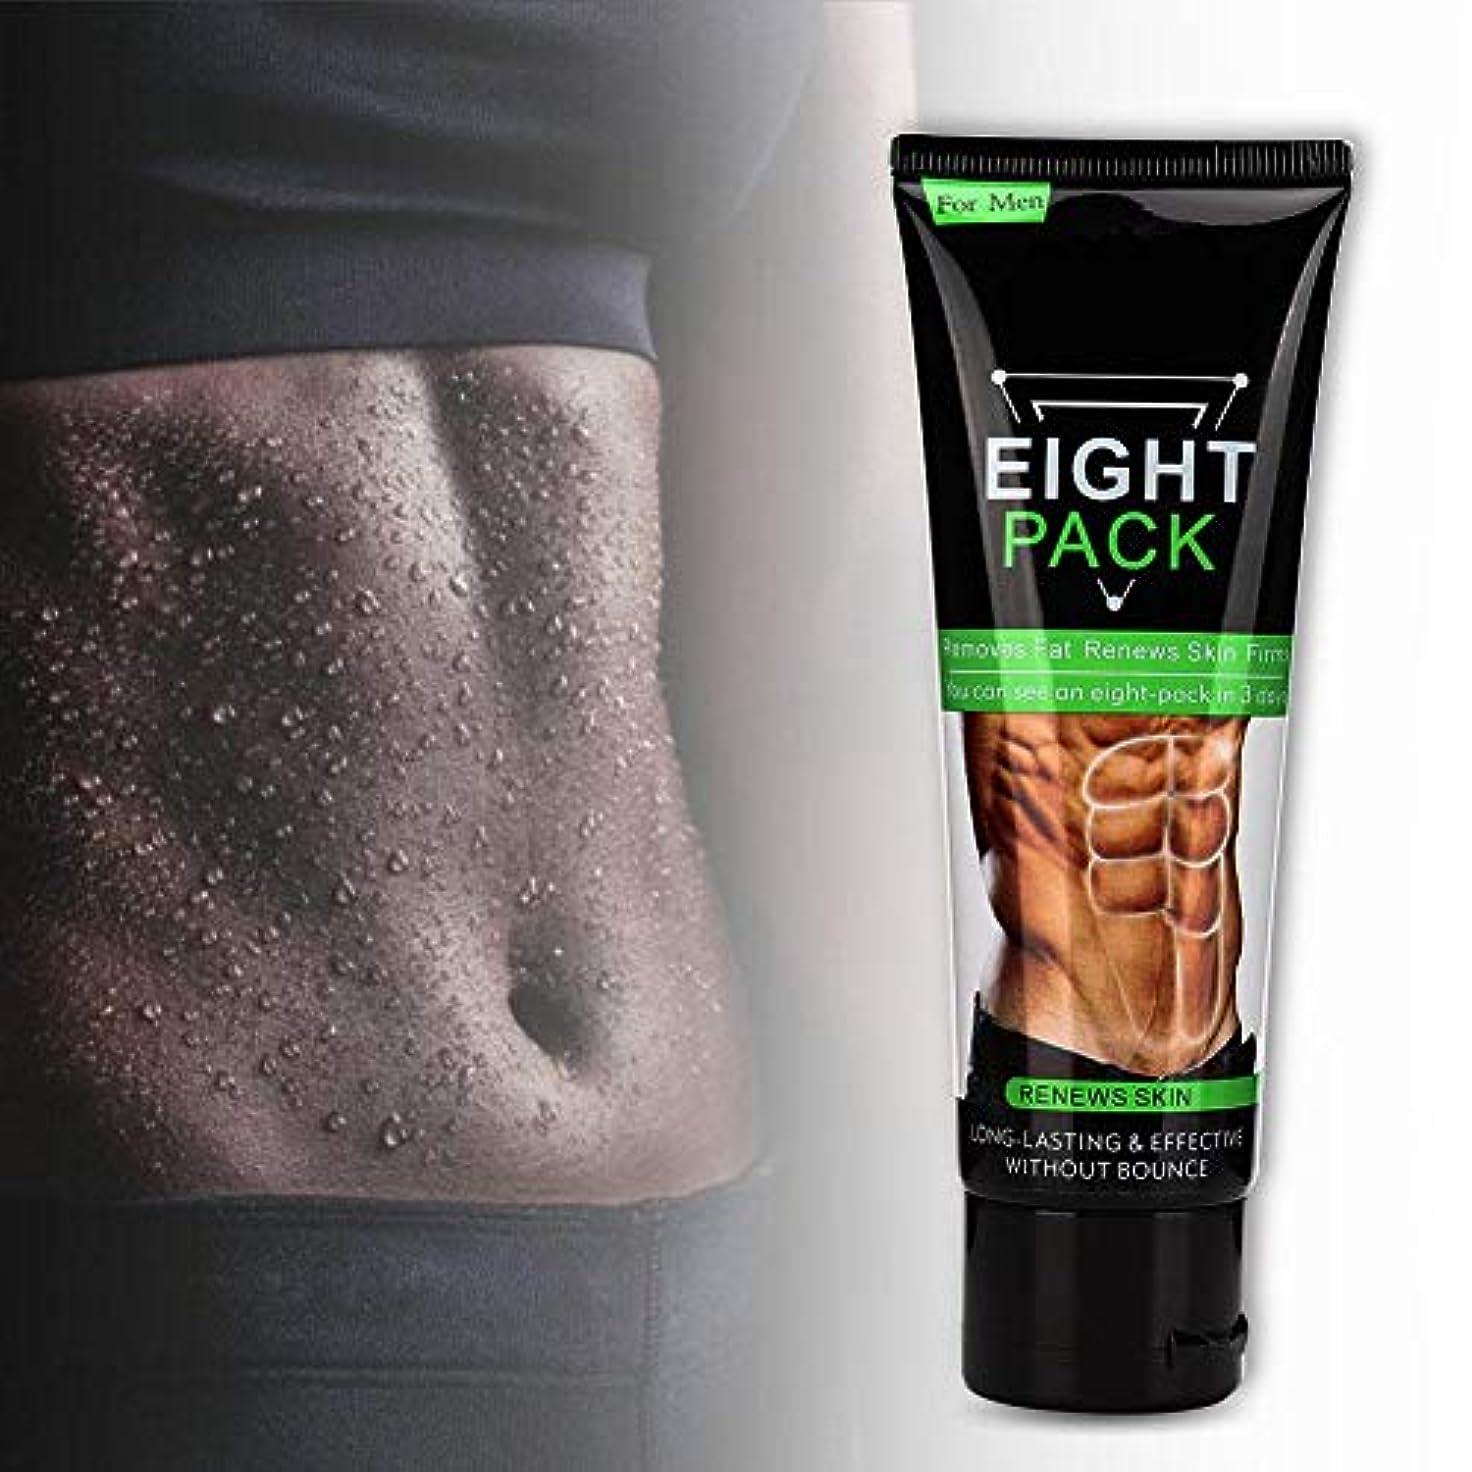 フリル寝てる豊富なSlim身クリーム、80g Volwcoアンチセルライトクリーム、太もも、腹部、en部、腕などのセルライトと戦うための腹部筋肉クリームを改善するためのトレーニング